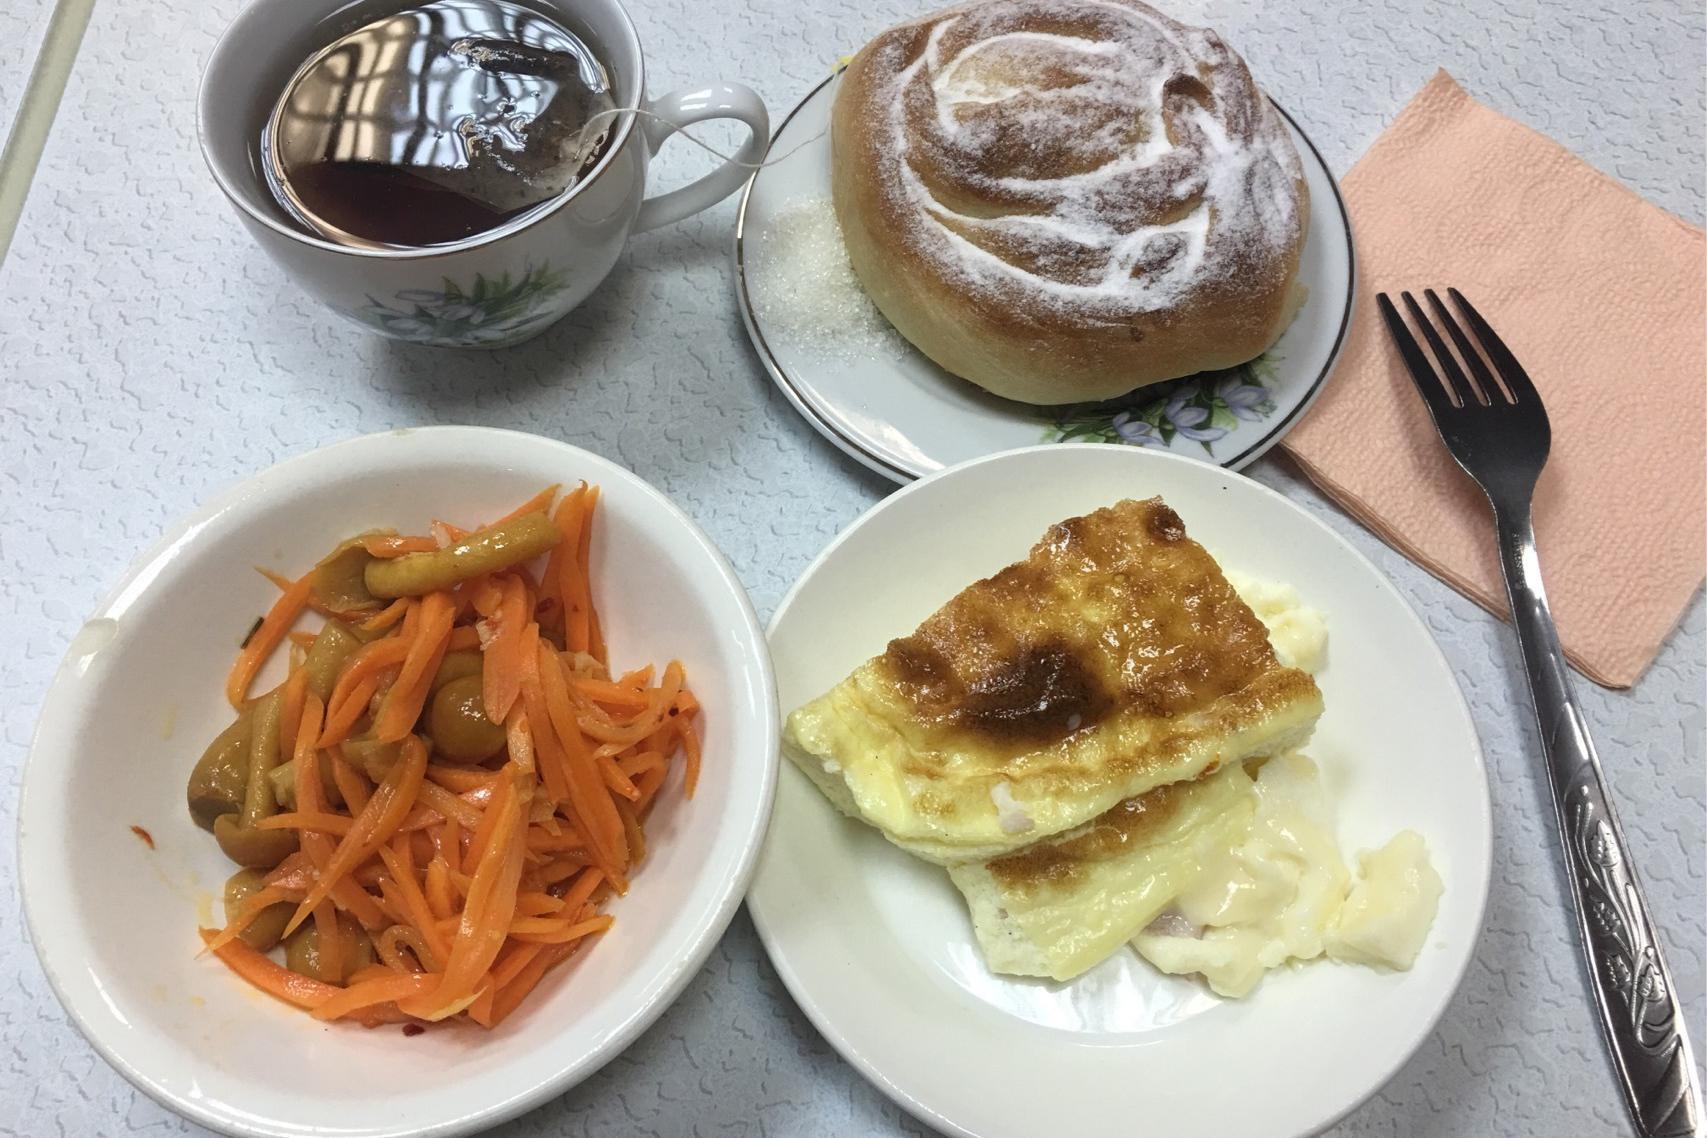 留学生在俄罗斯如何解决吃喝问题?